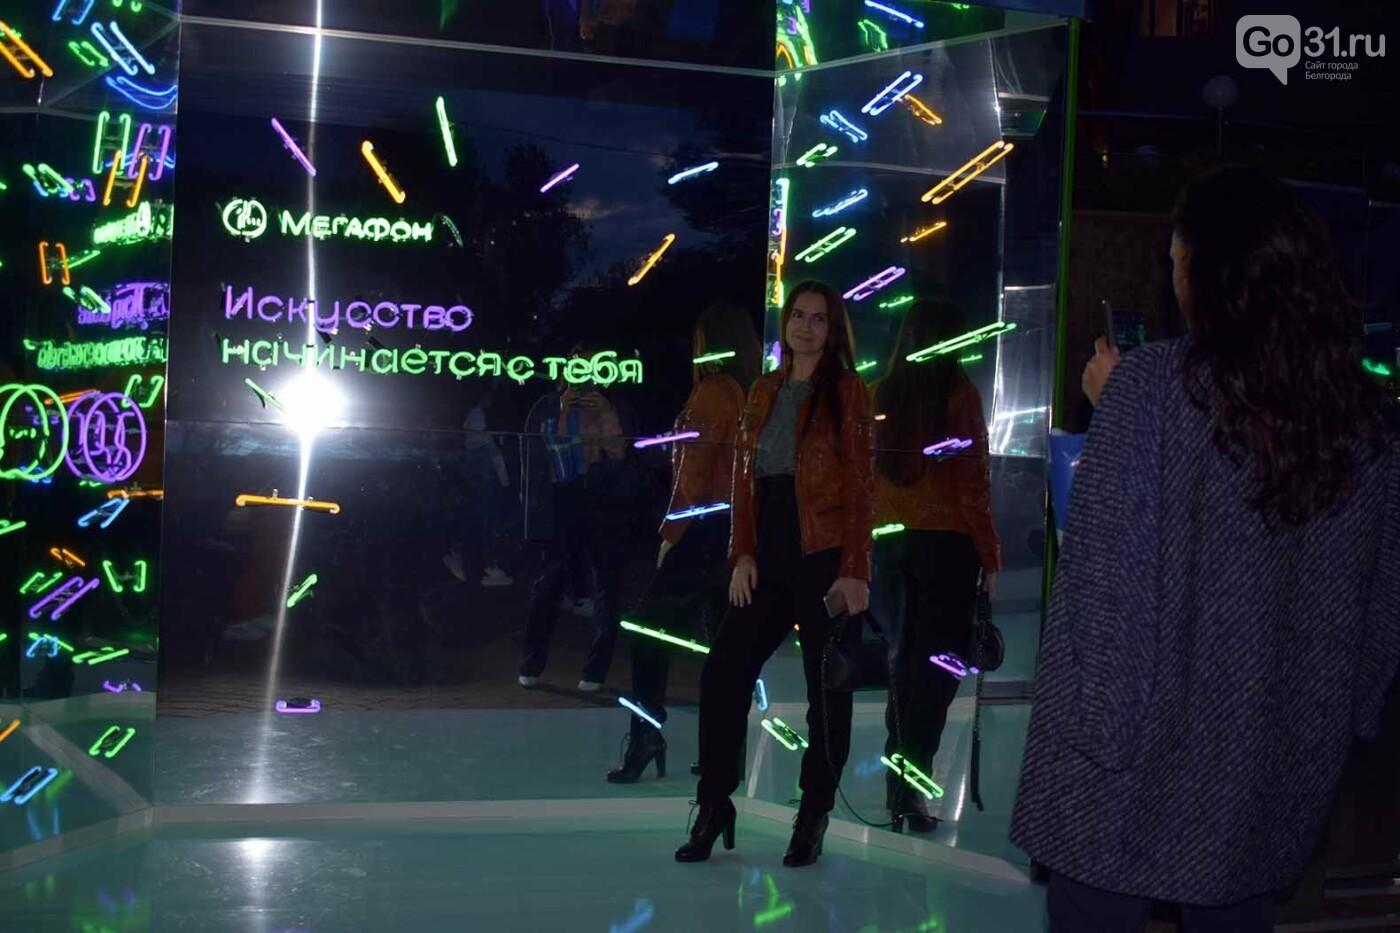 «Вдохновляться всем!». В Белгороде  проходит фестиваль «Этажи», фото-1